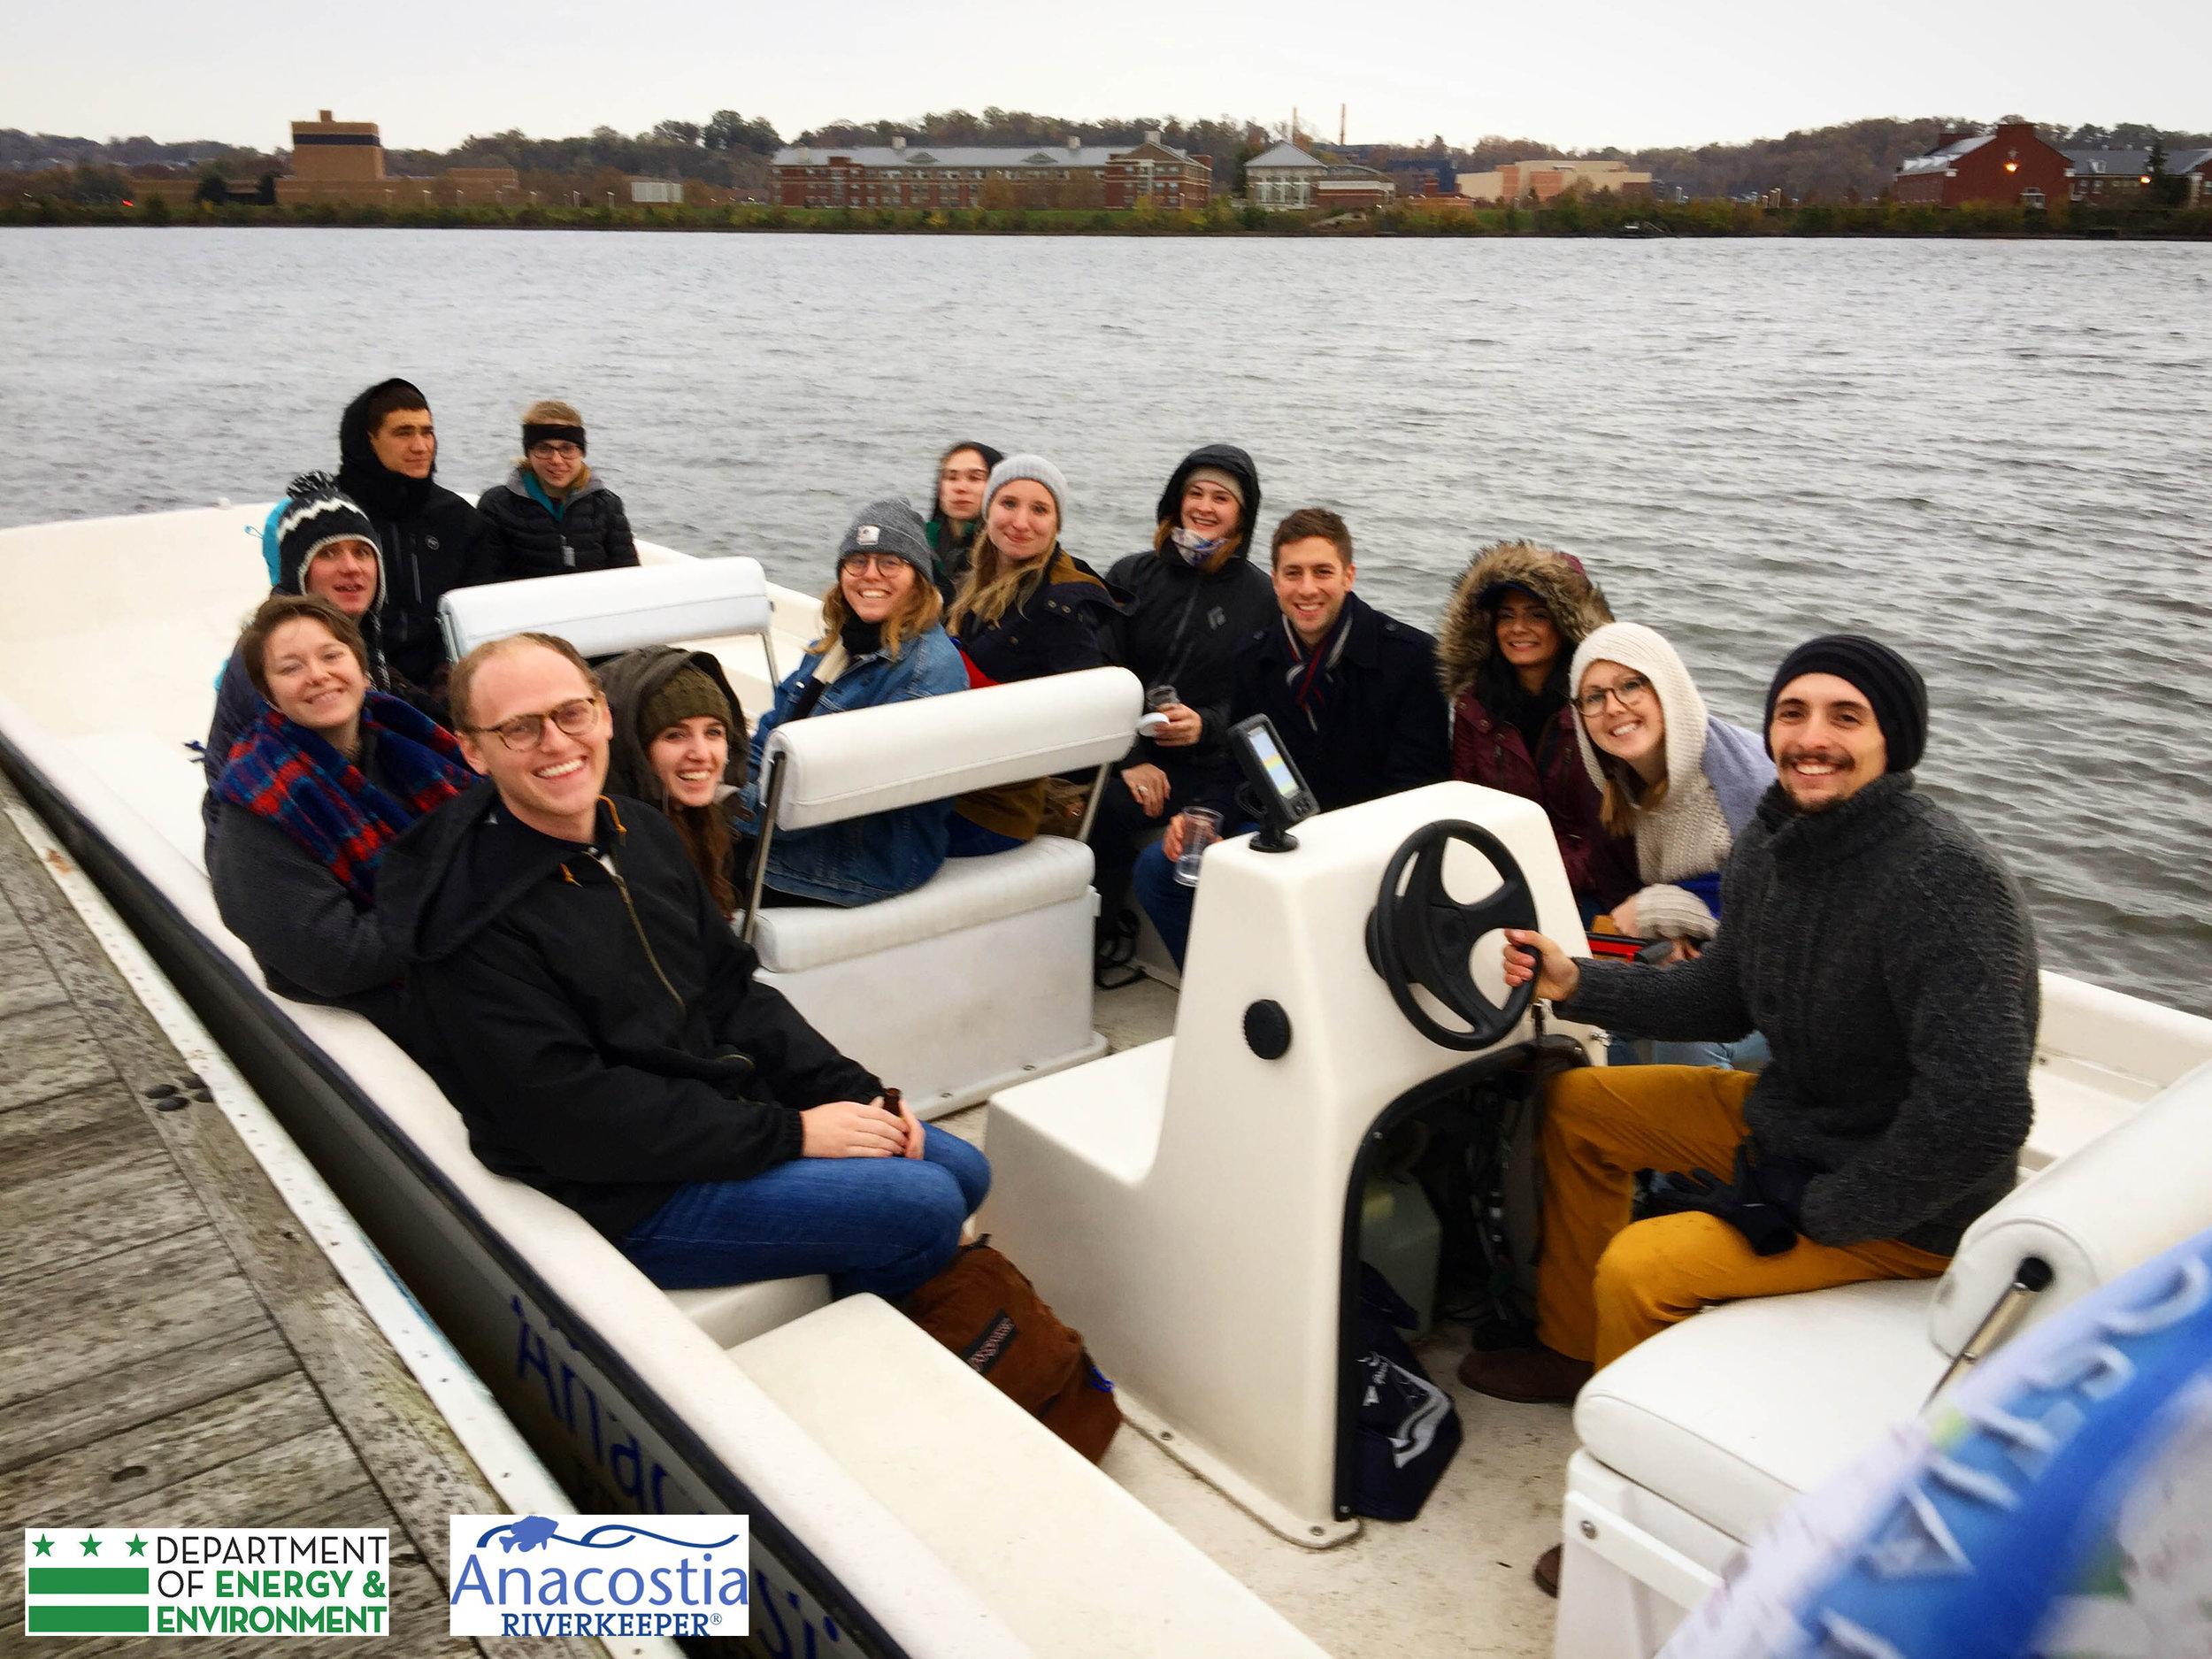 Boat tour ARK DOEE logos.jpg